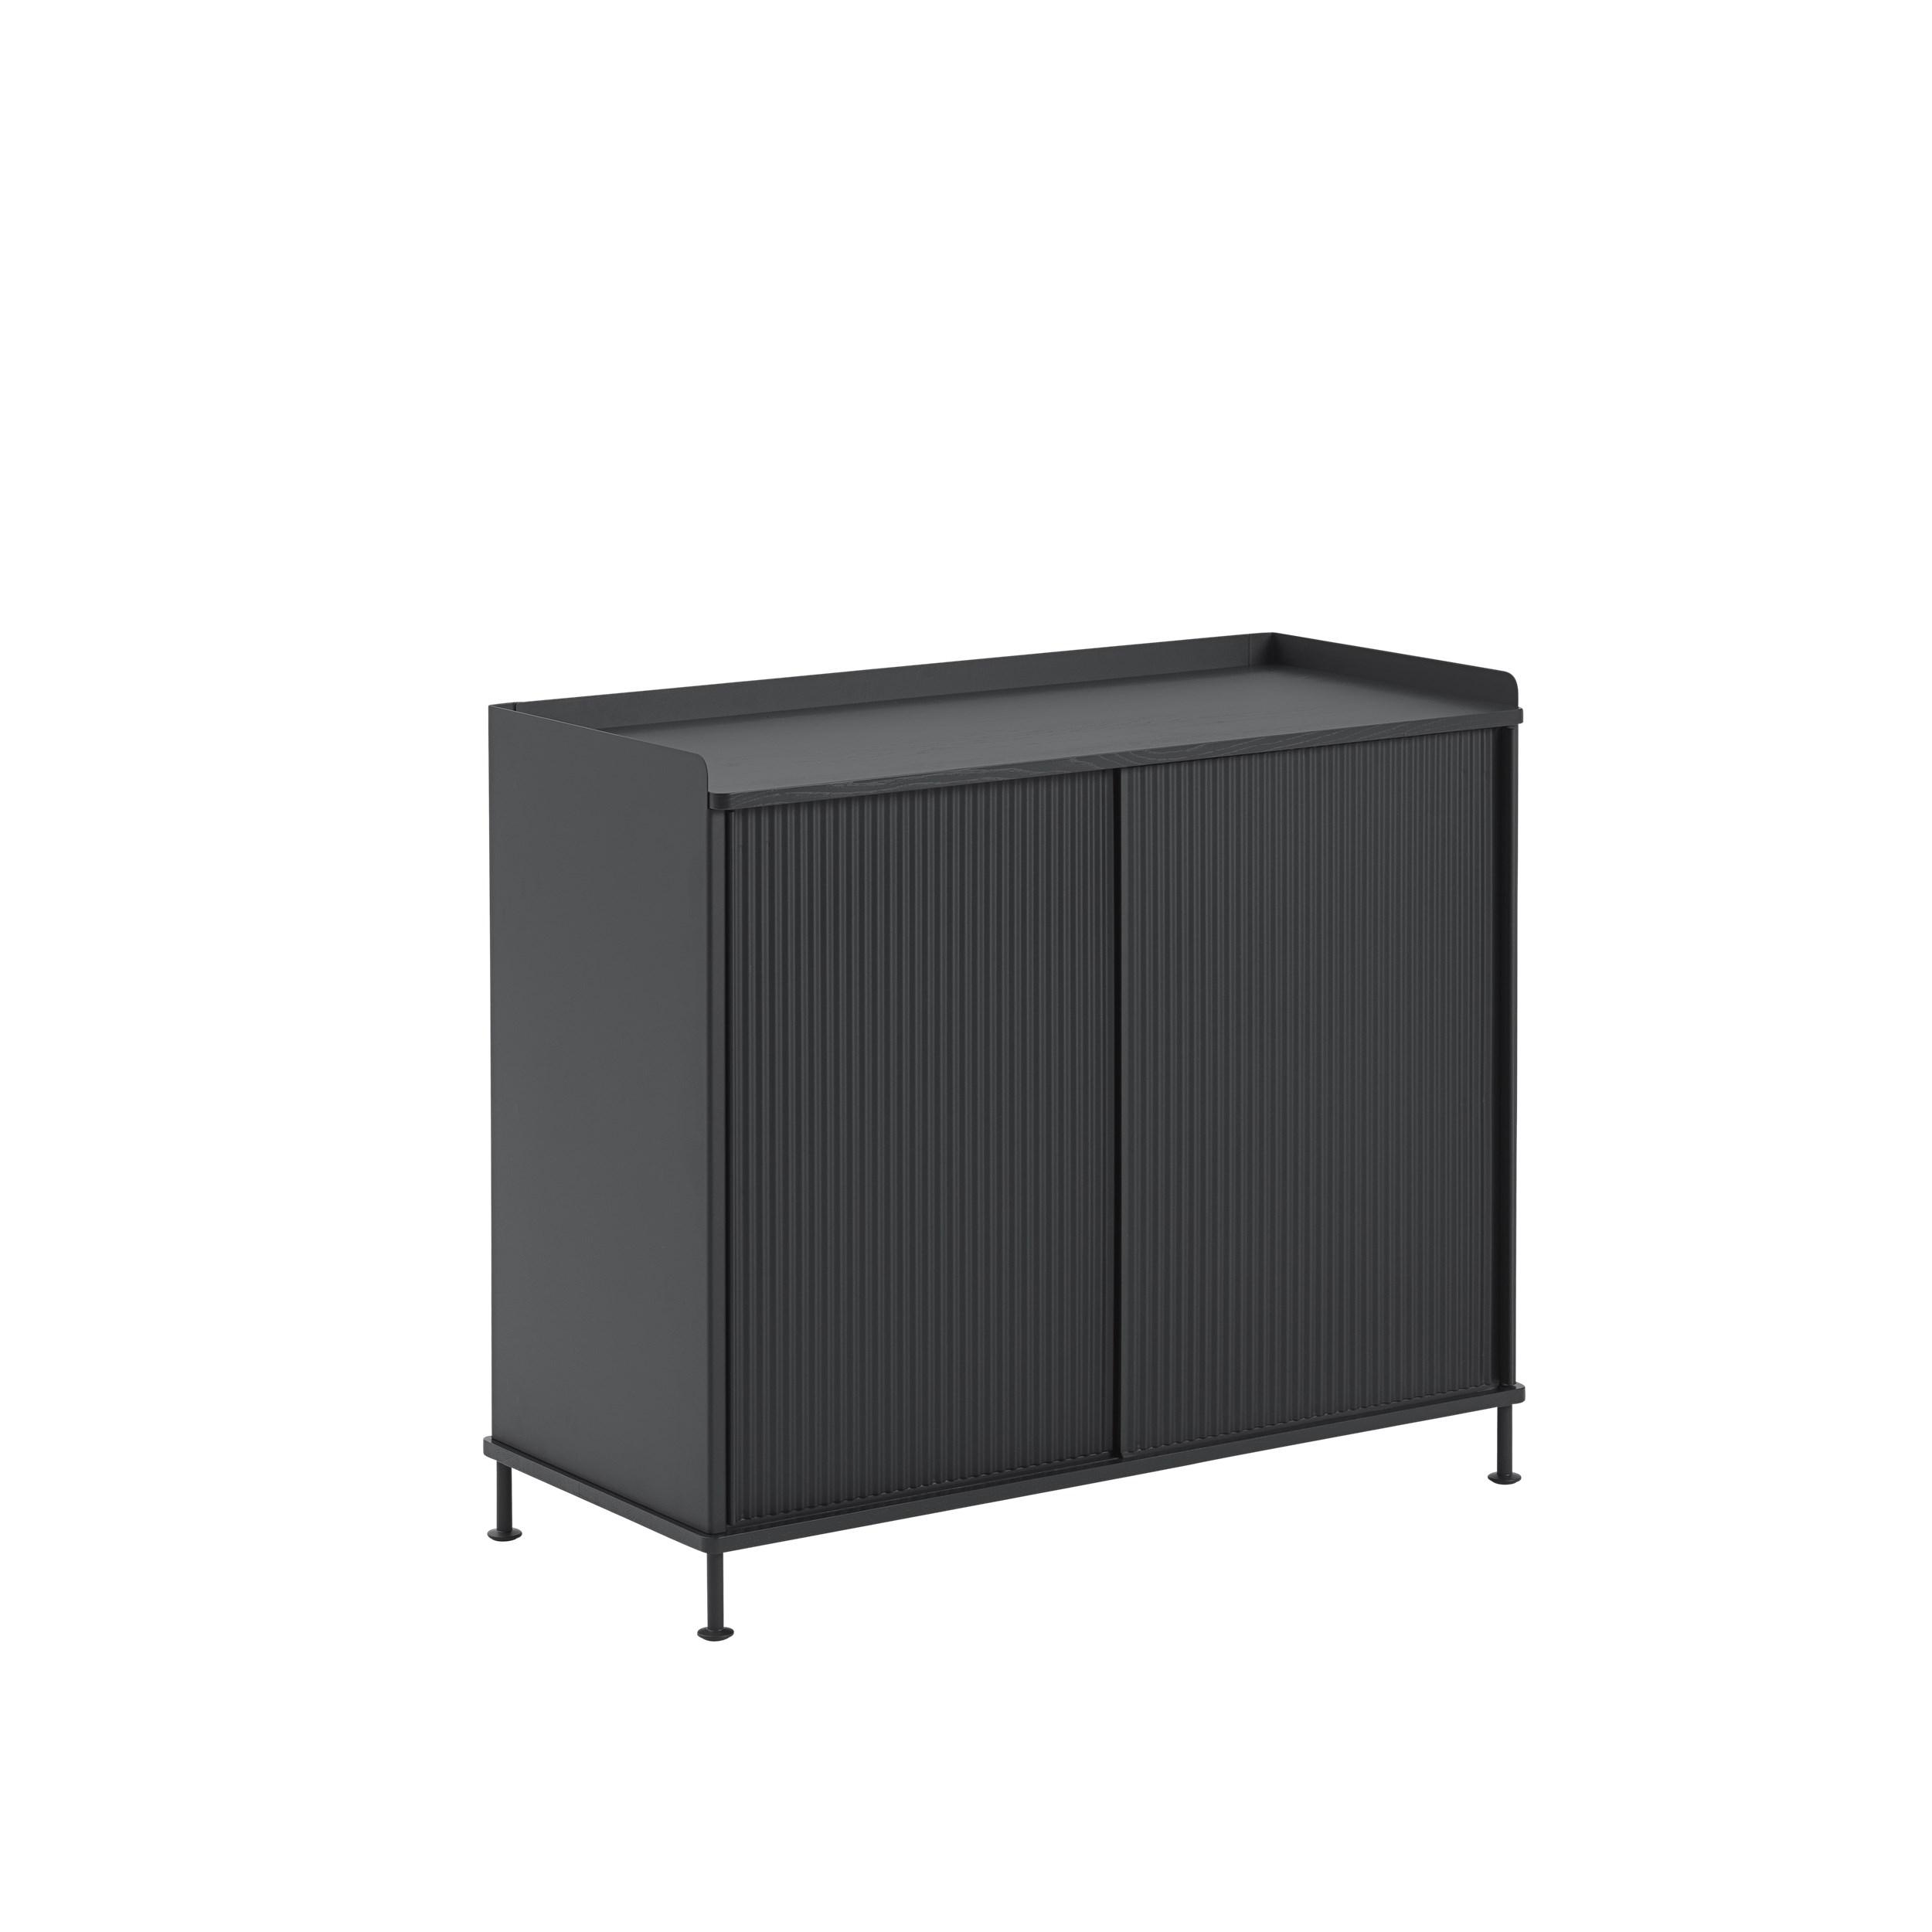 Muuto Enfold Sideboard Tall Black/Black